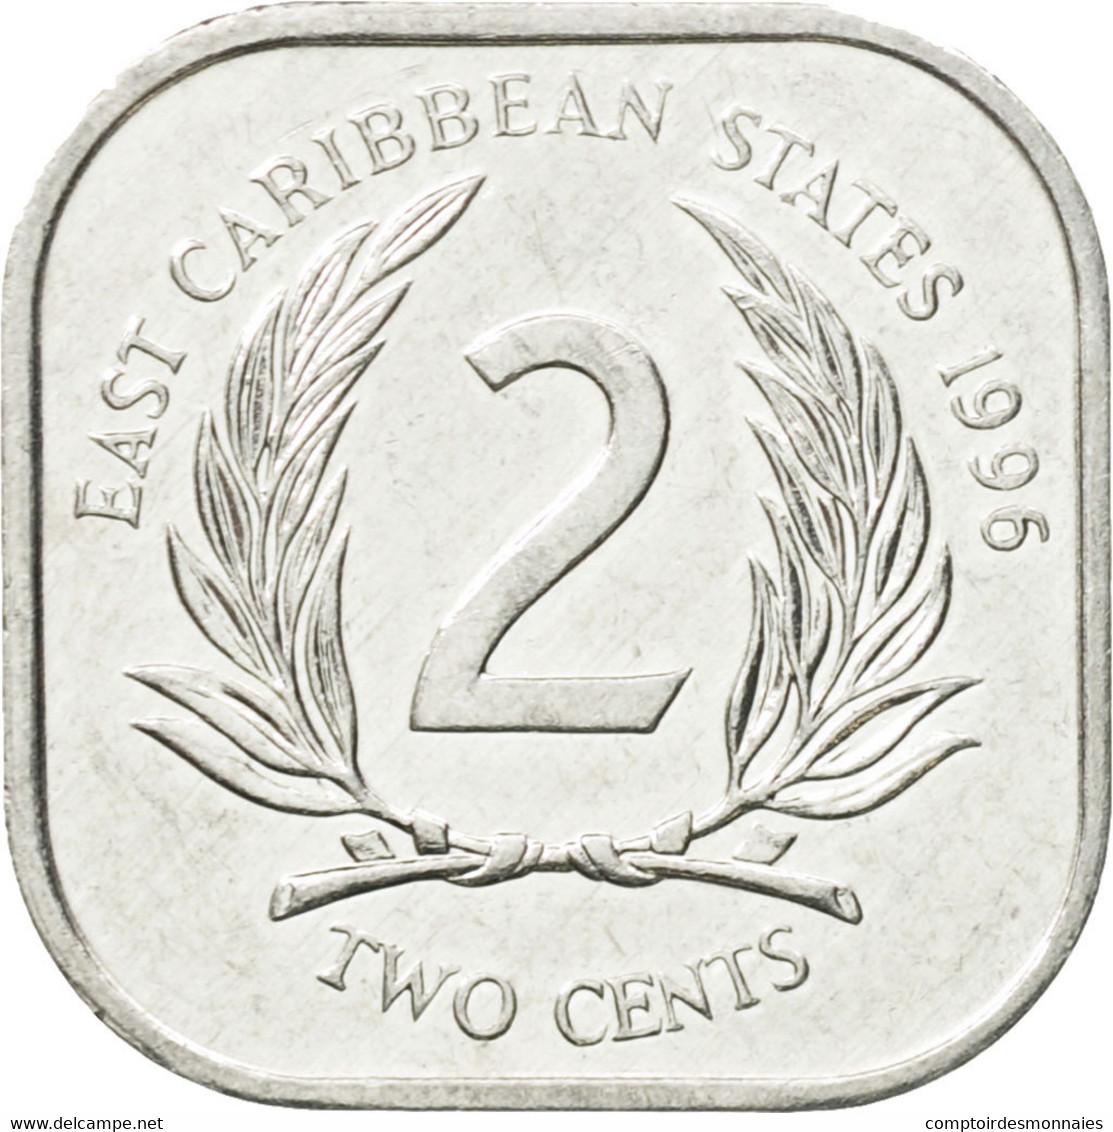 Monnaie, Etats Des Caraibes Orientales, Elizabeth II, 2 Cents, 1996, TTB - Caraïbes Orientales (Etats Des)